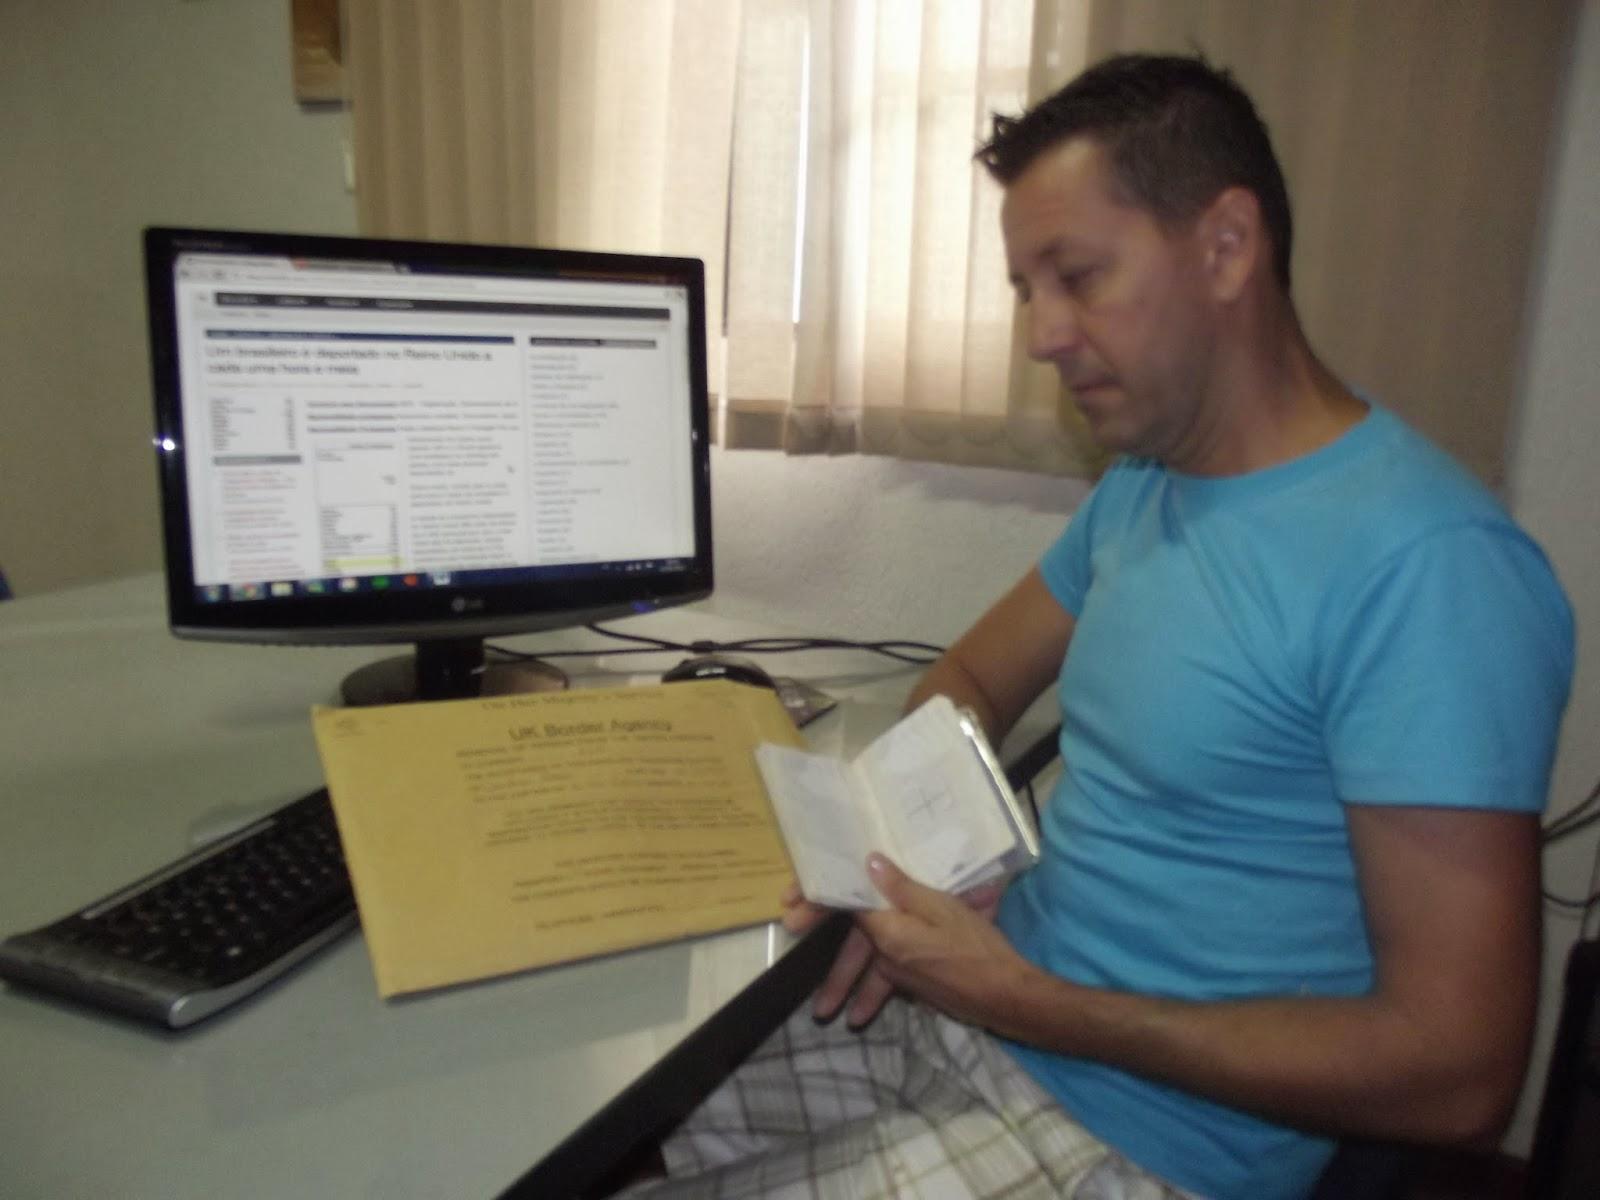 Brasileiros no Exterior - Professor Brasileiro barrado e deportado do Reino Unido - Professor claudinei-sacchi